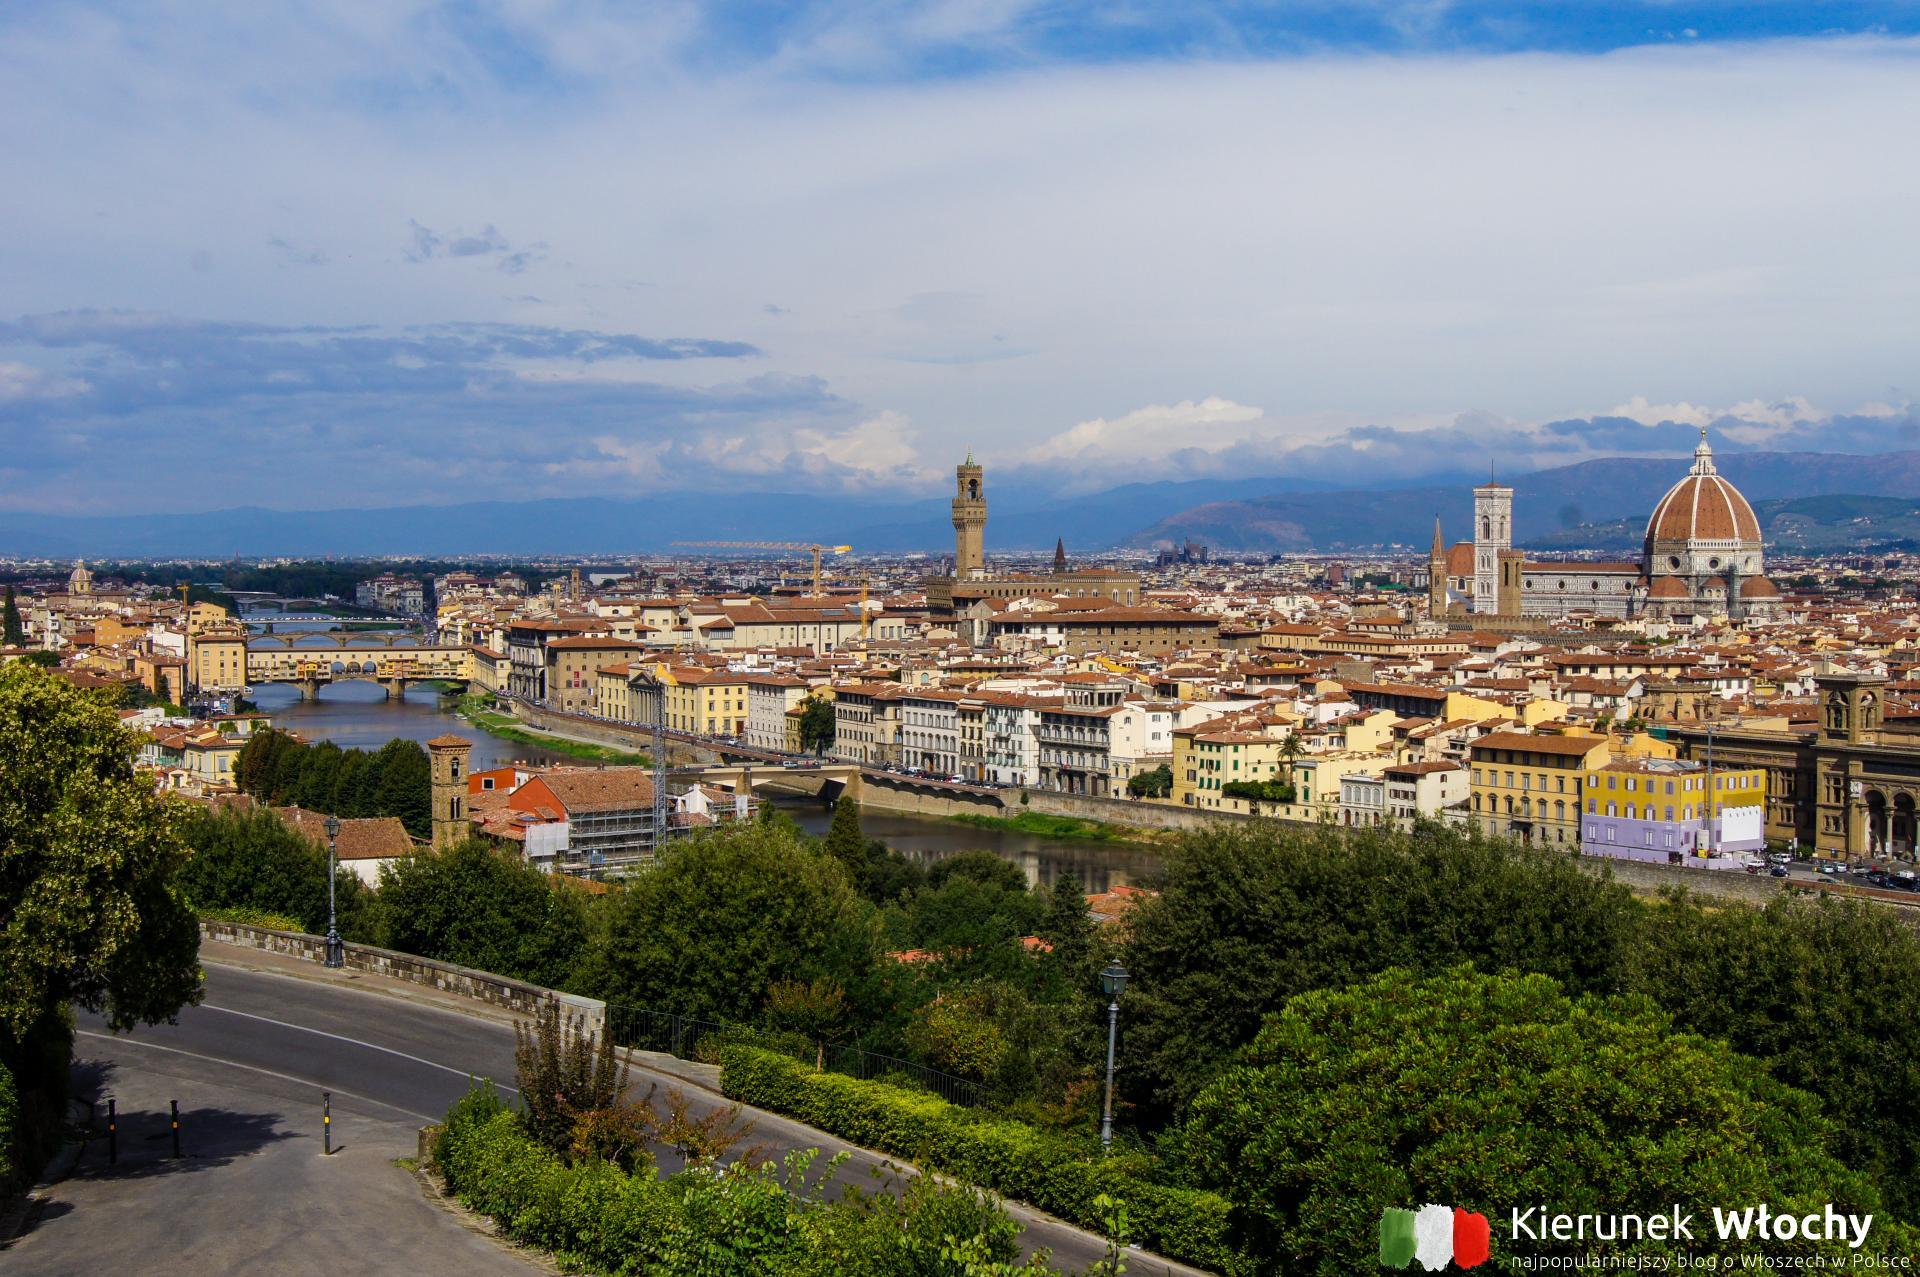 Florencja, Toskania, Włochy (fot. Łukasz Ropczyński, kierunekwlochy.pl)